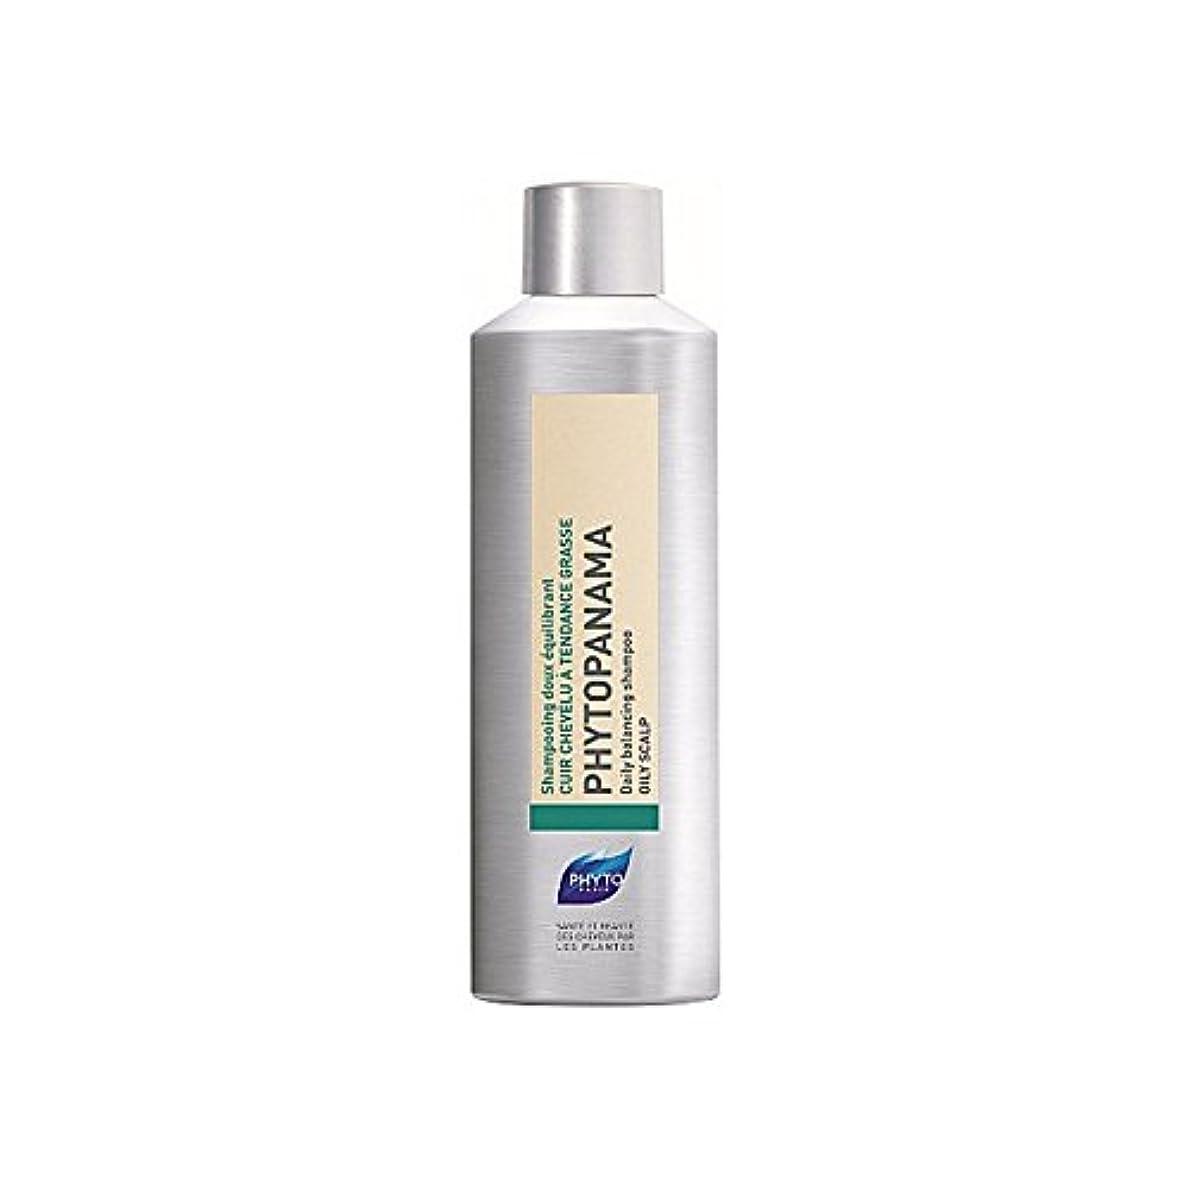 細部バイオリン読書をするPhyto Phytopanama Shampoo 200ml (Pack of 6) - フィトシャンプー200ミリリットル x6 [並行輸入品]